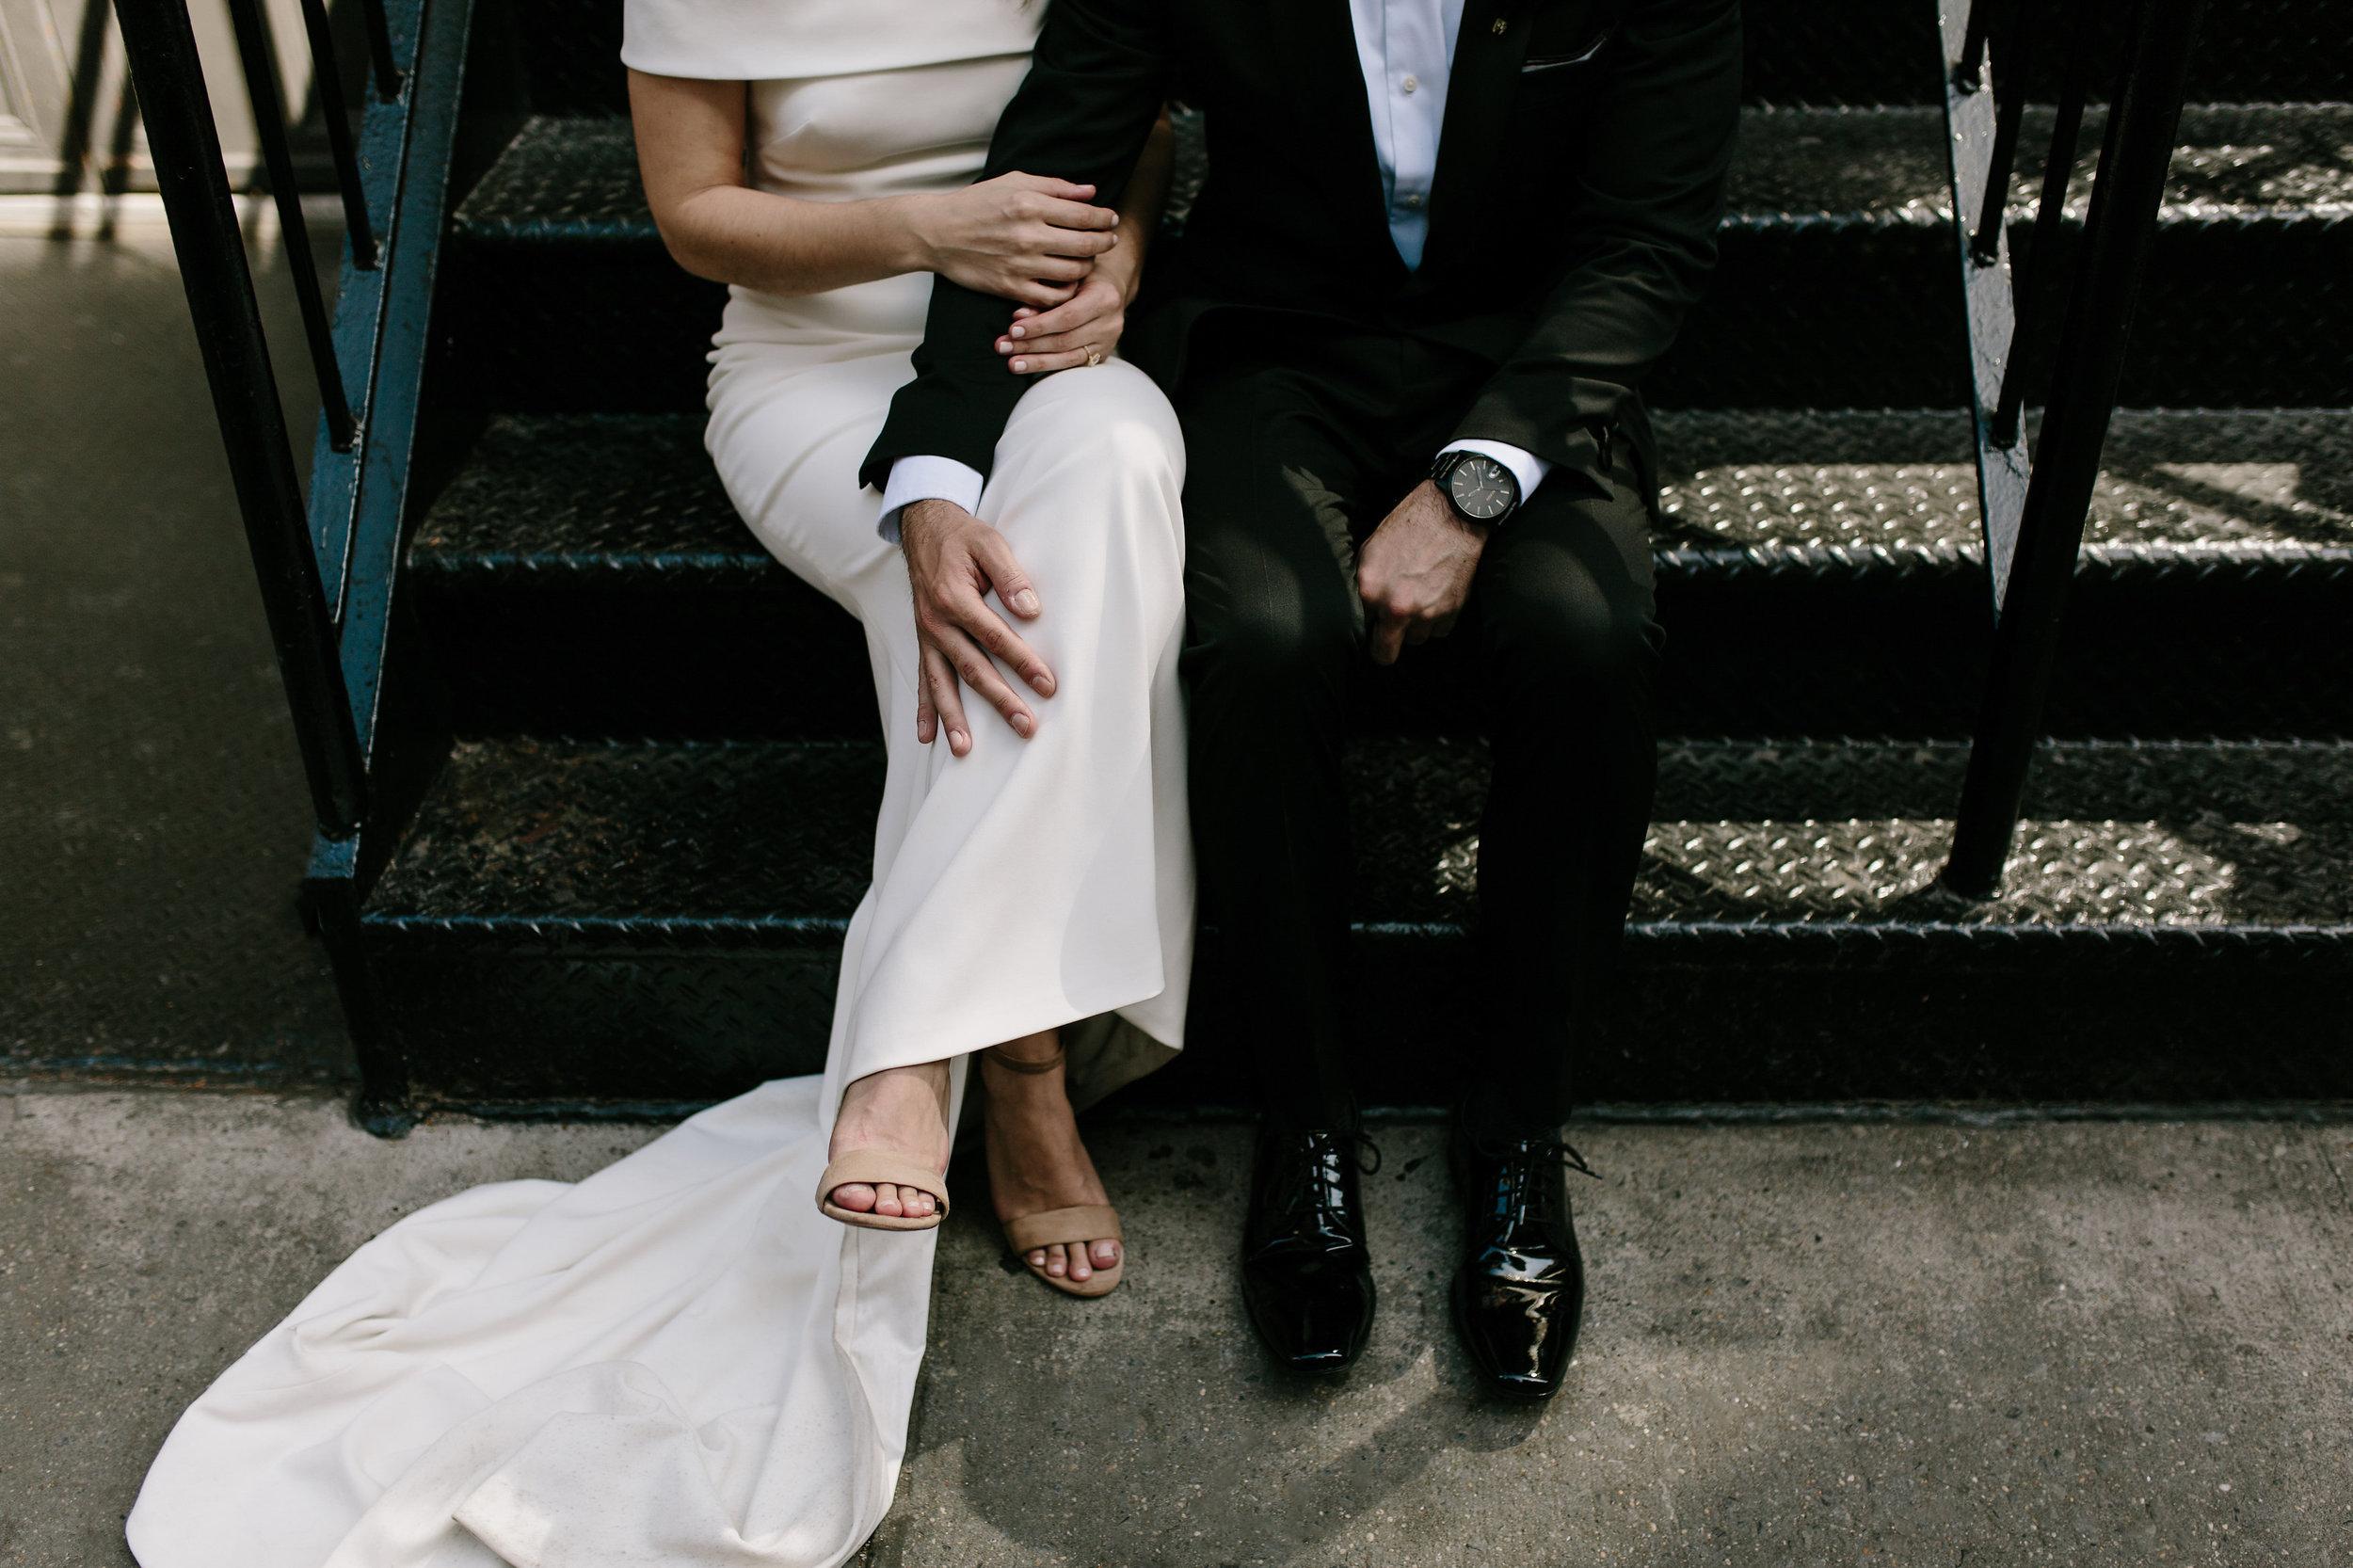 0324_megafactor_marries.jpg